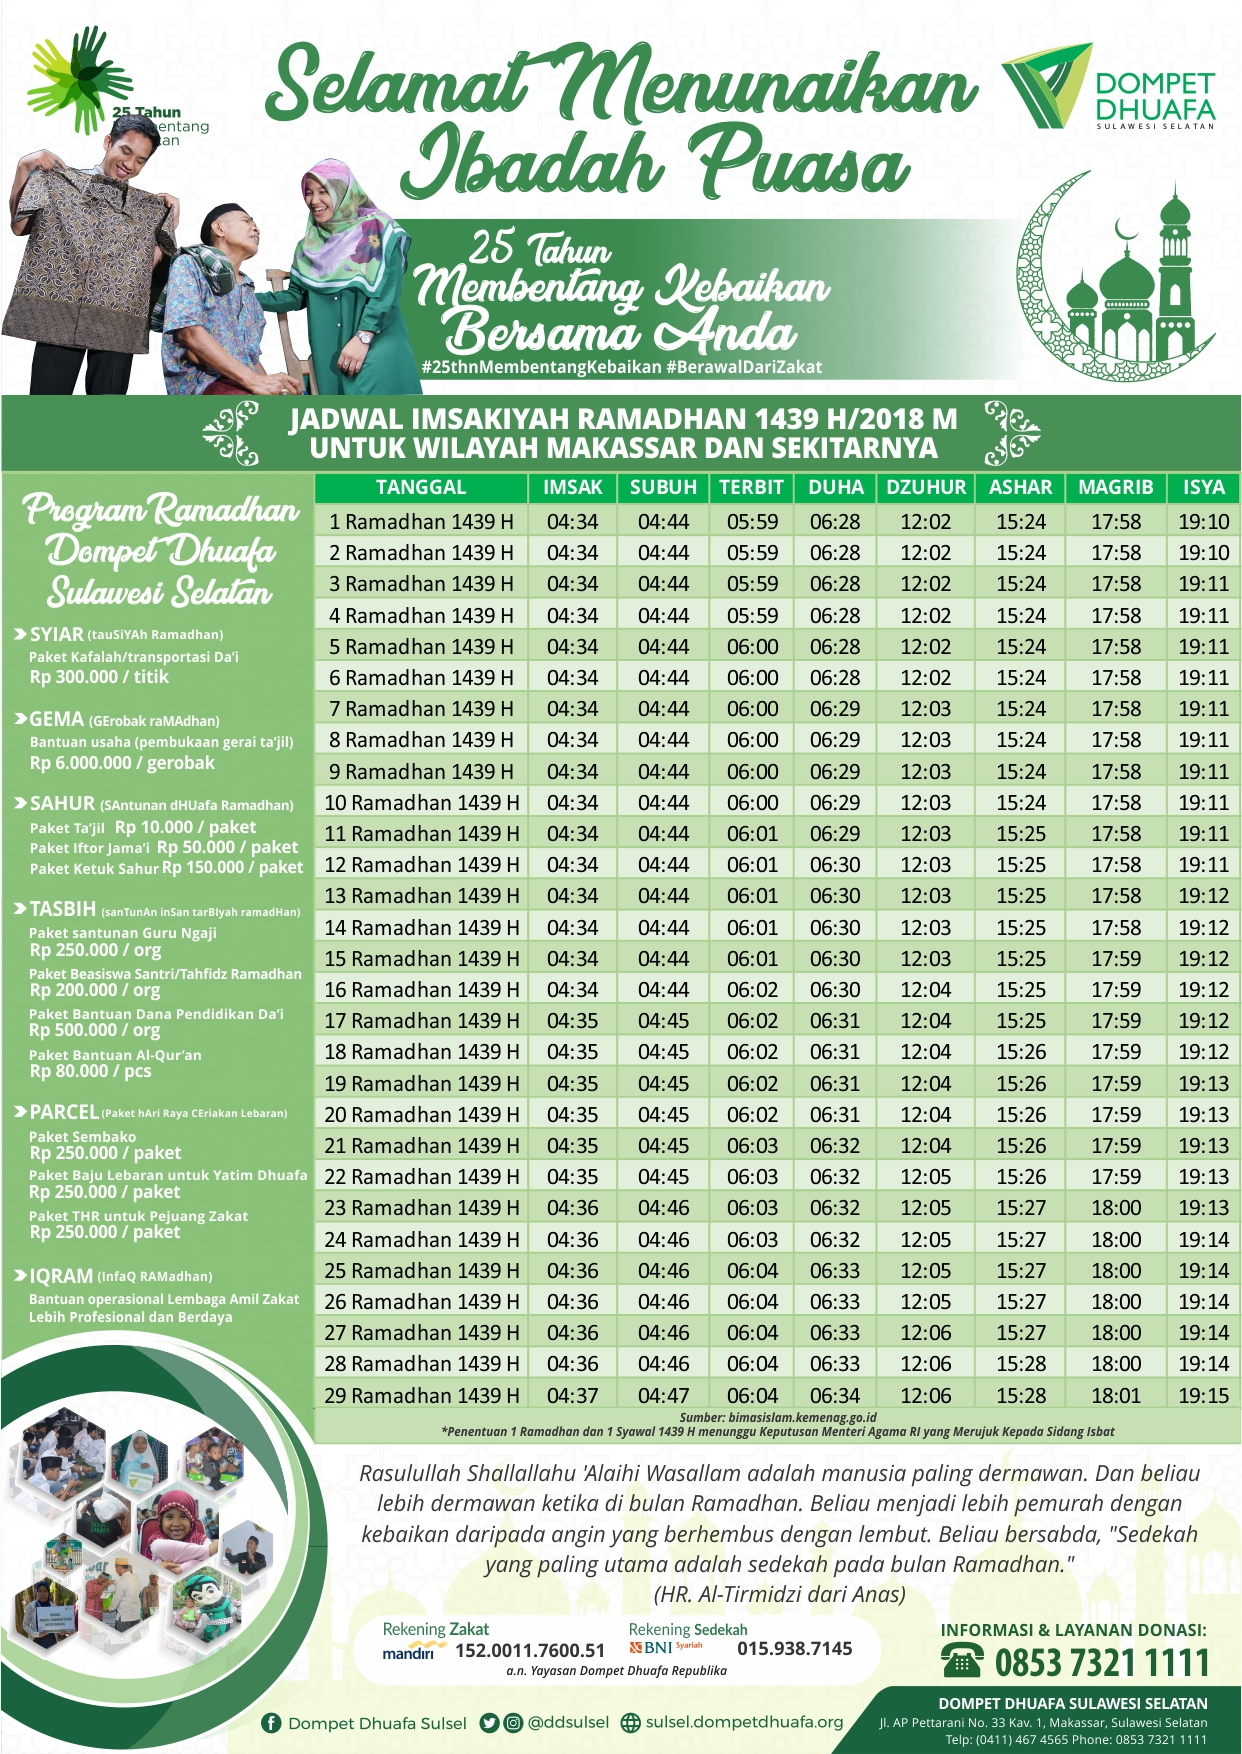 Jadwal Imsakiyah Ramadhan 1439 H/2018 M untuk Wilayah Makassar